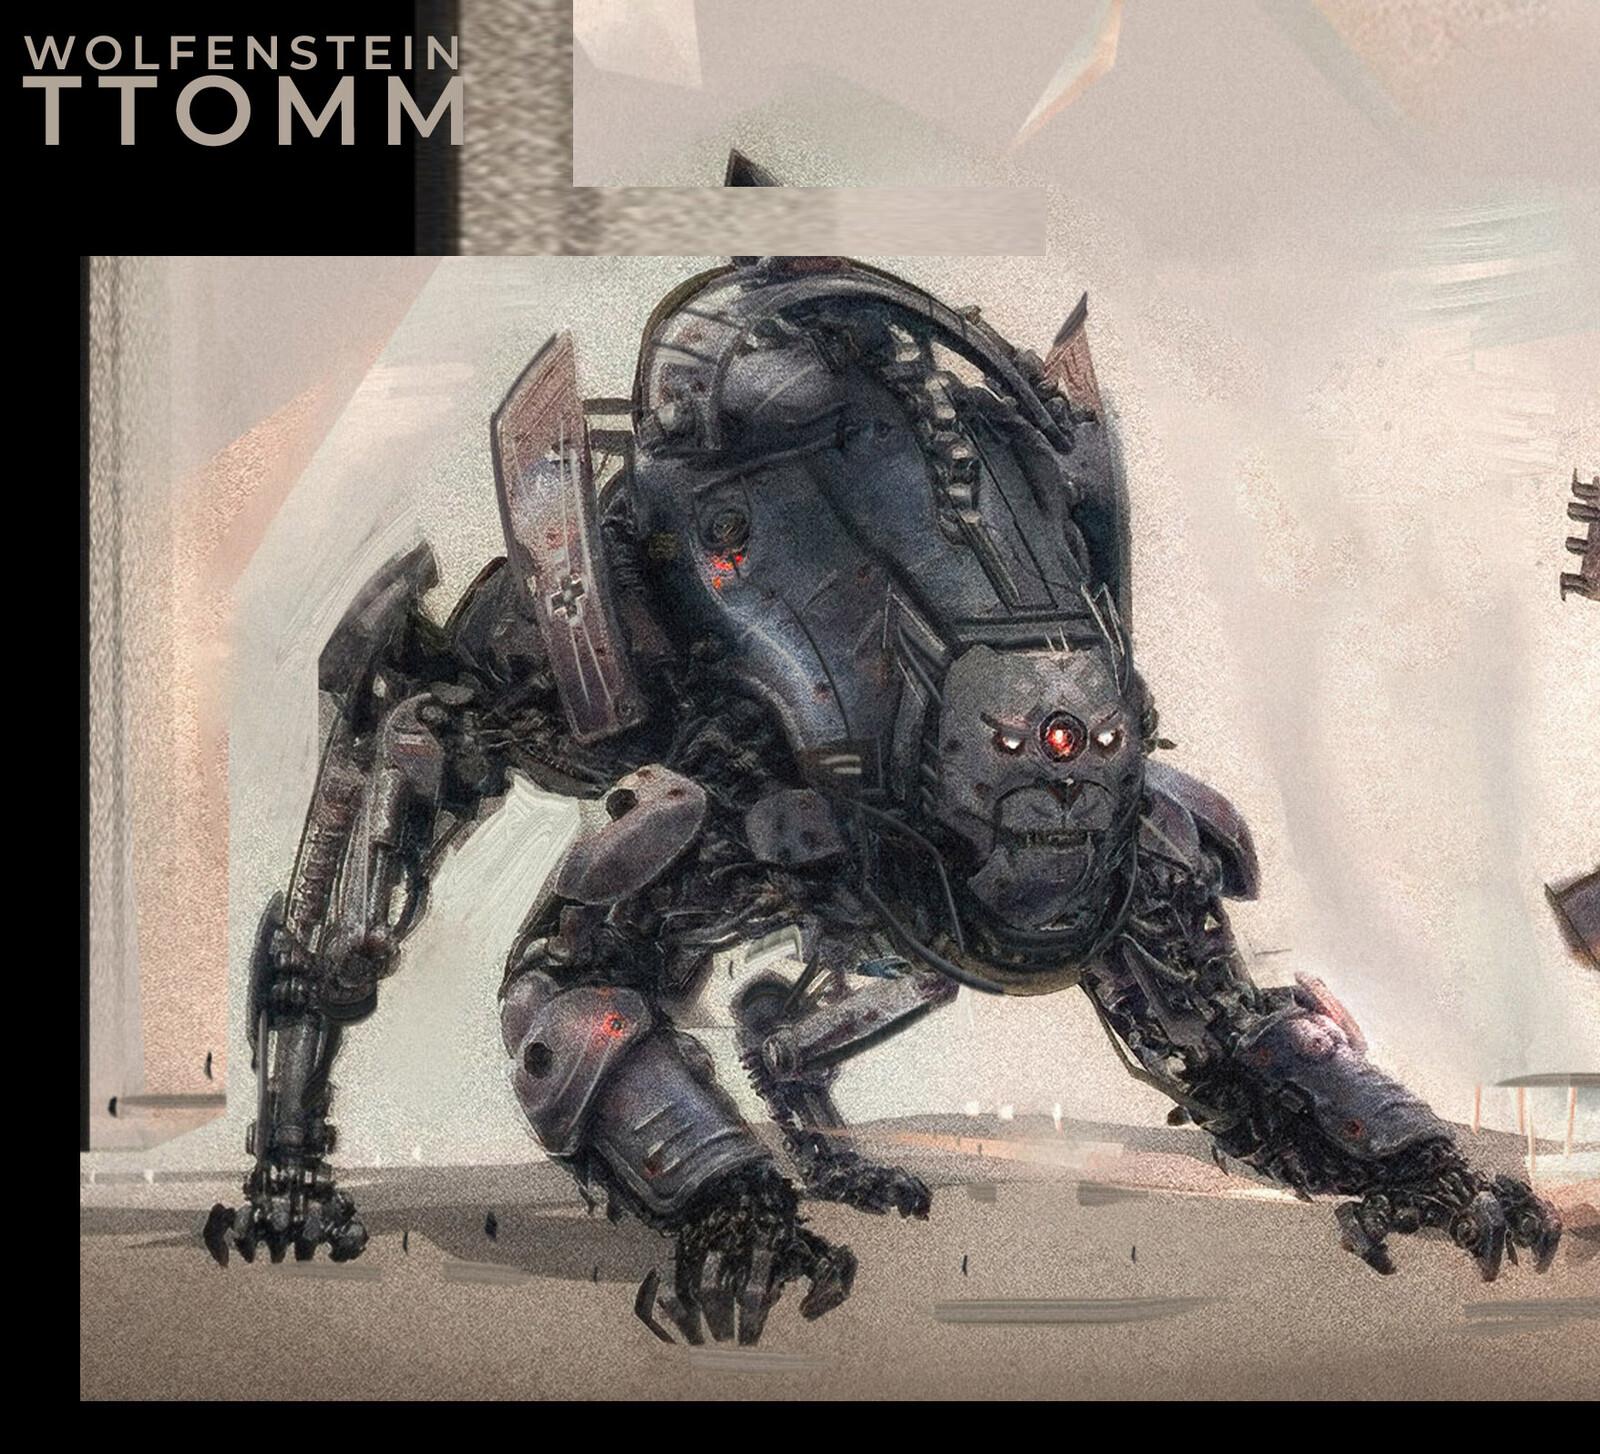 TTOMM